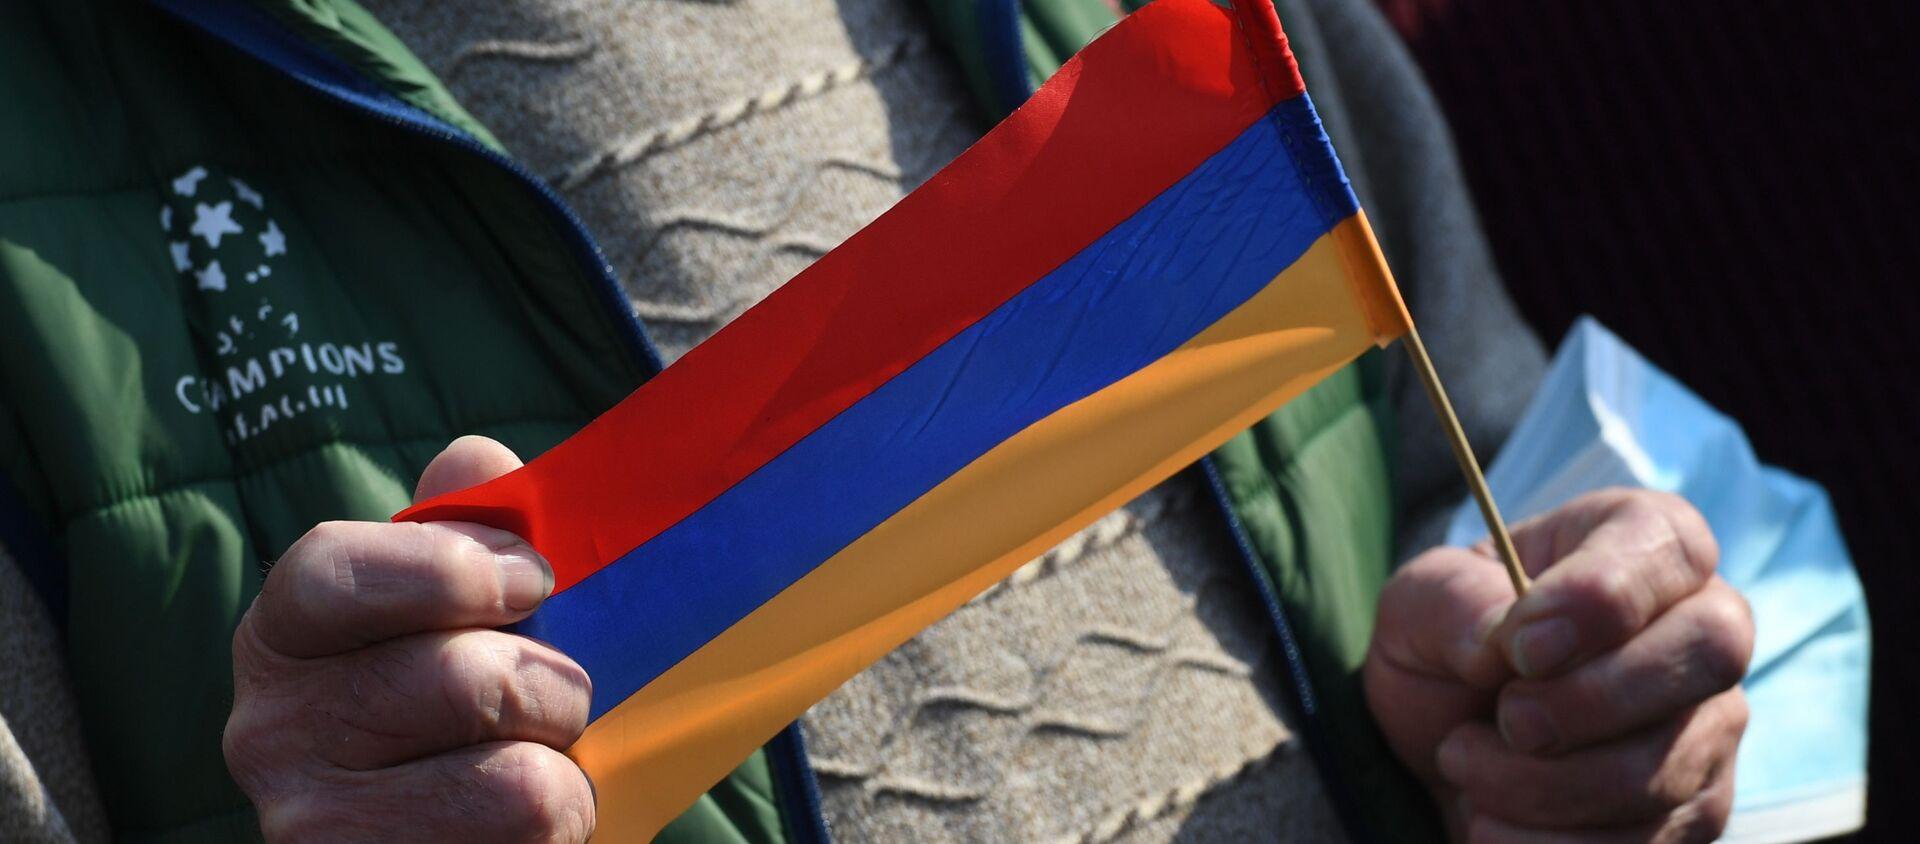 Ermenistan - protesto - bayrak - Sputnik Türkiye, 1920, 01.03.2021